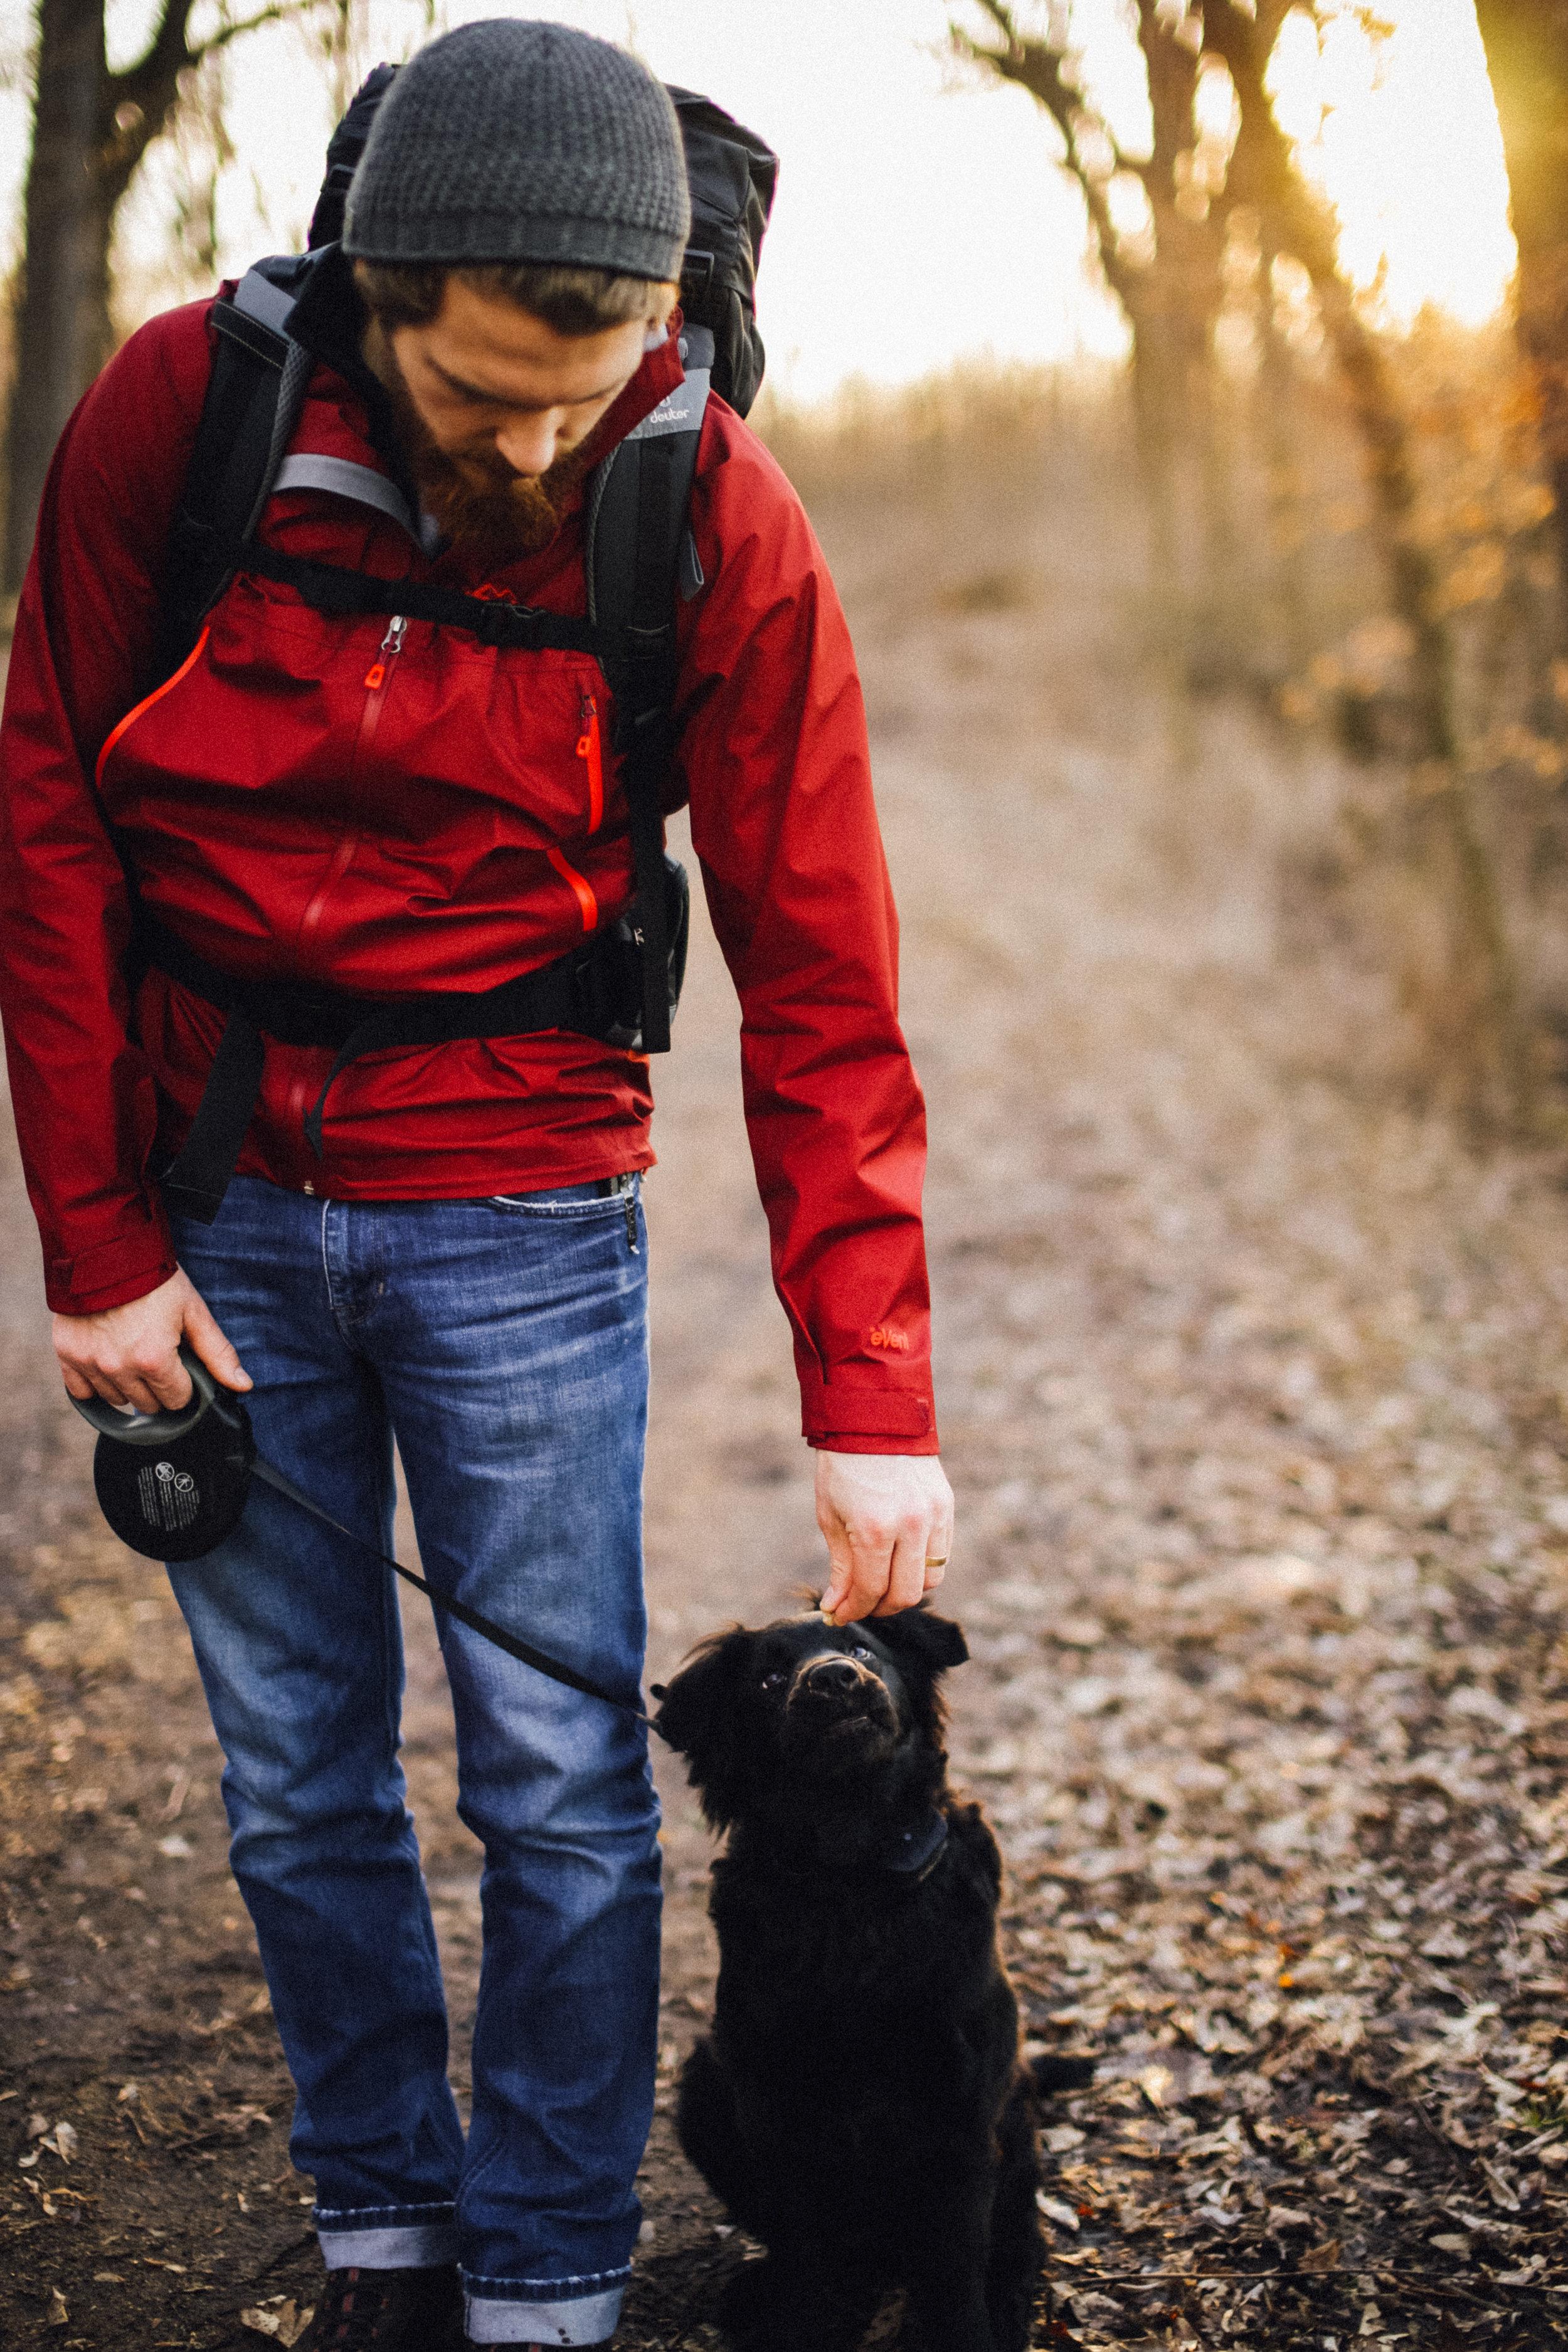 Hiking-3.21.2017-9.jpg